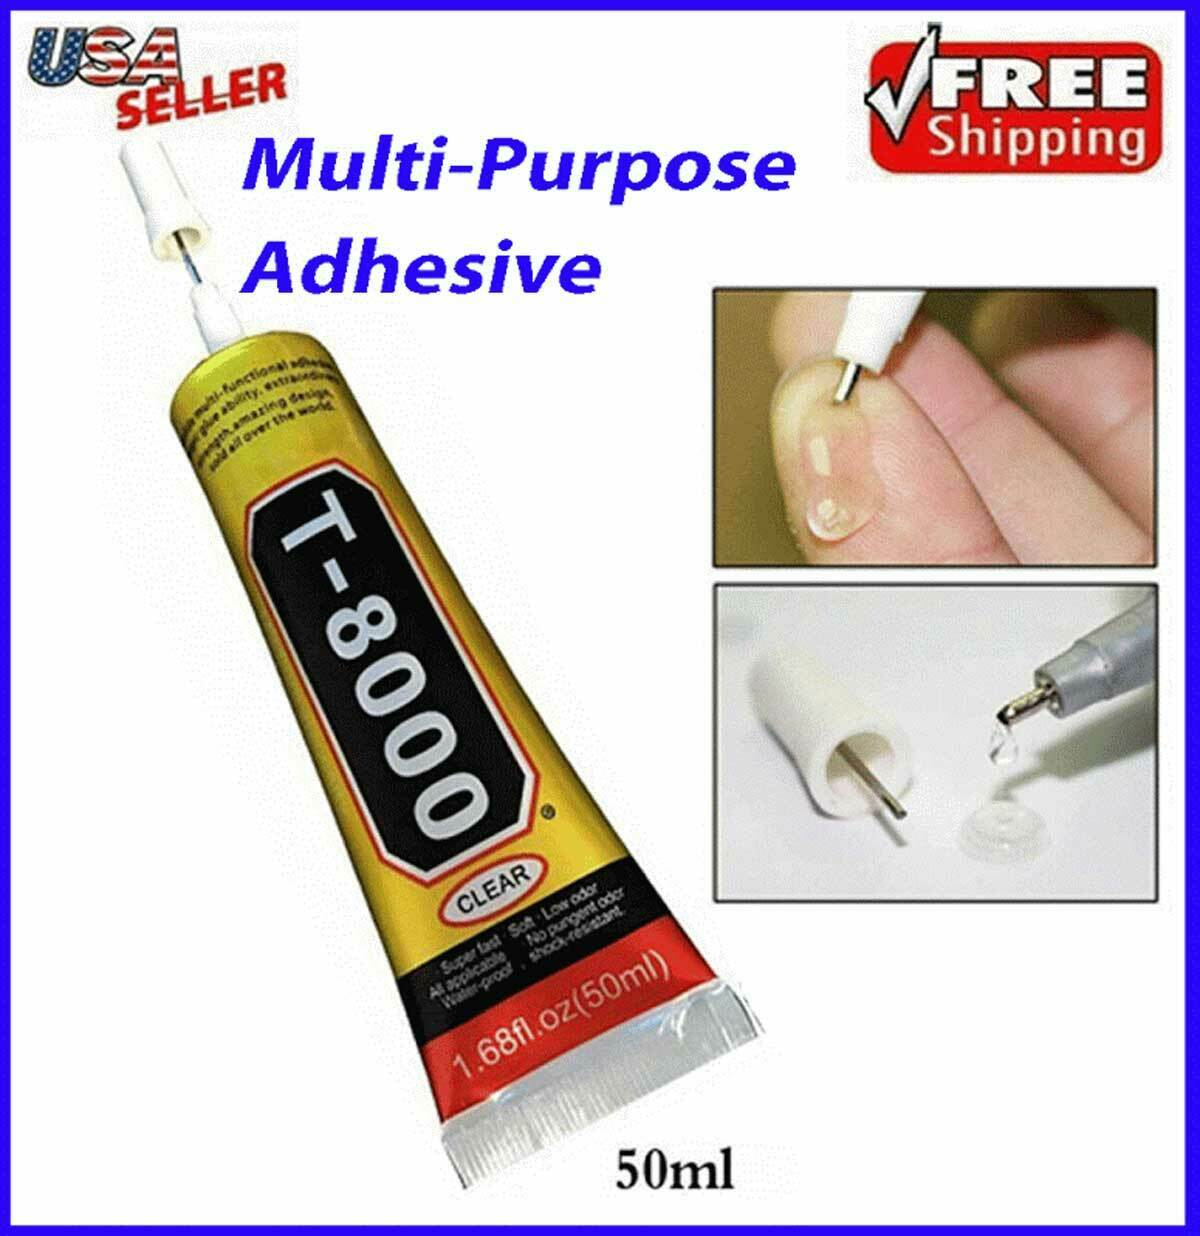 GLUE Clear Adhesive T-8000 Craft Nails 50ml Phone Jewelry Mu